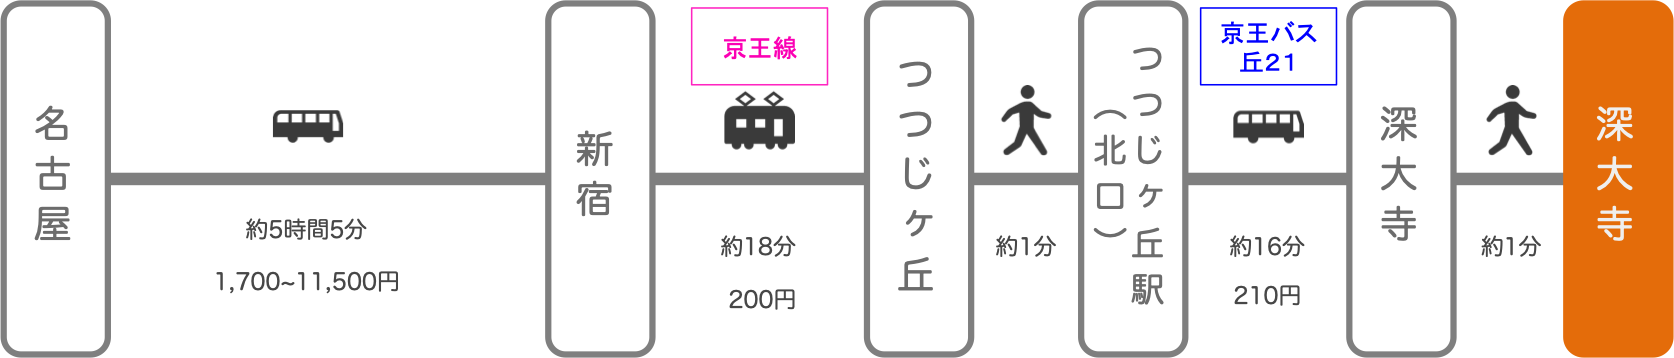 深大寺_名古屋(愛知)_高速バス